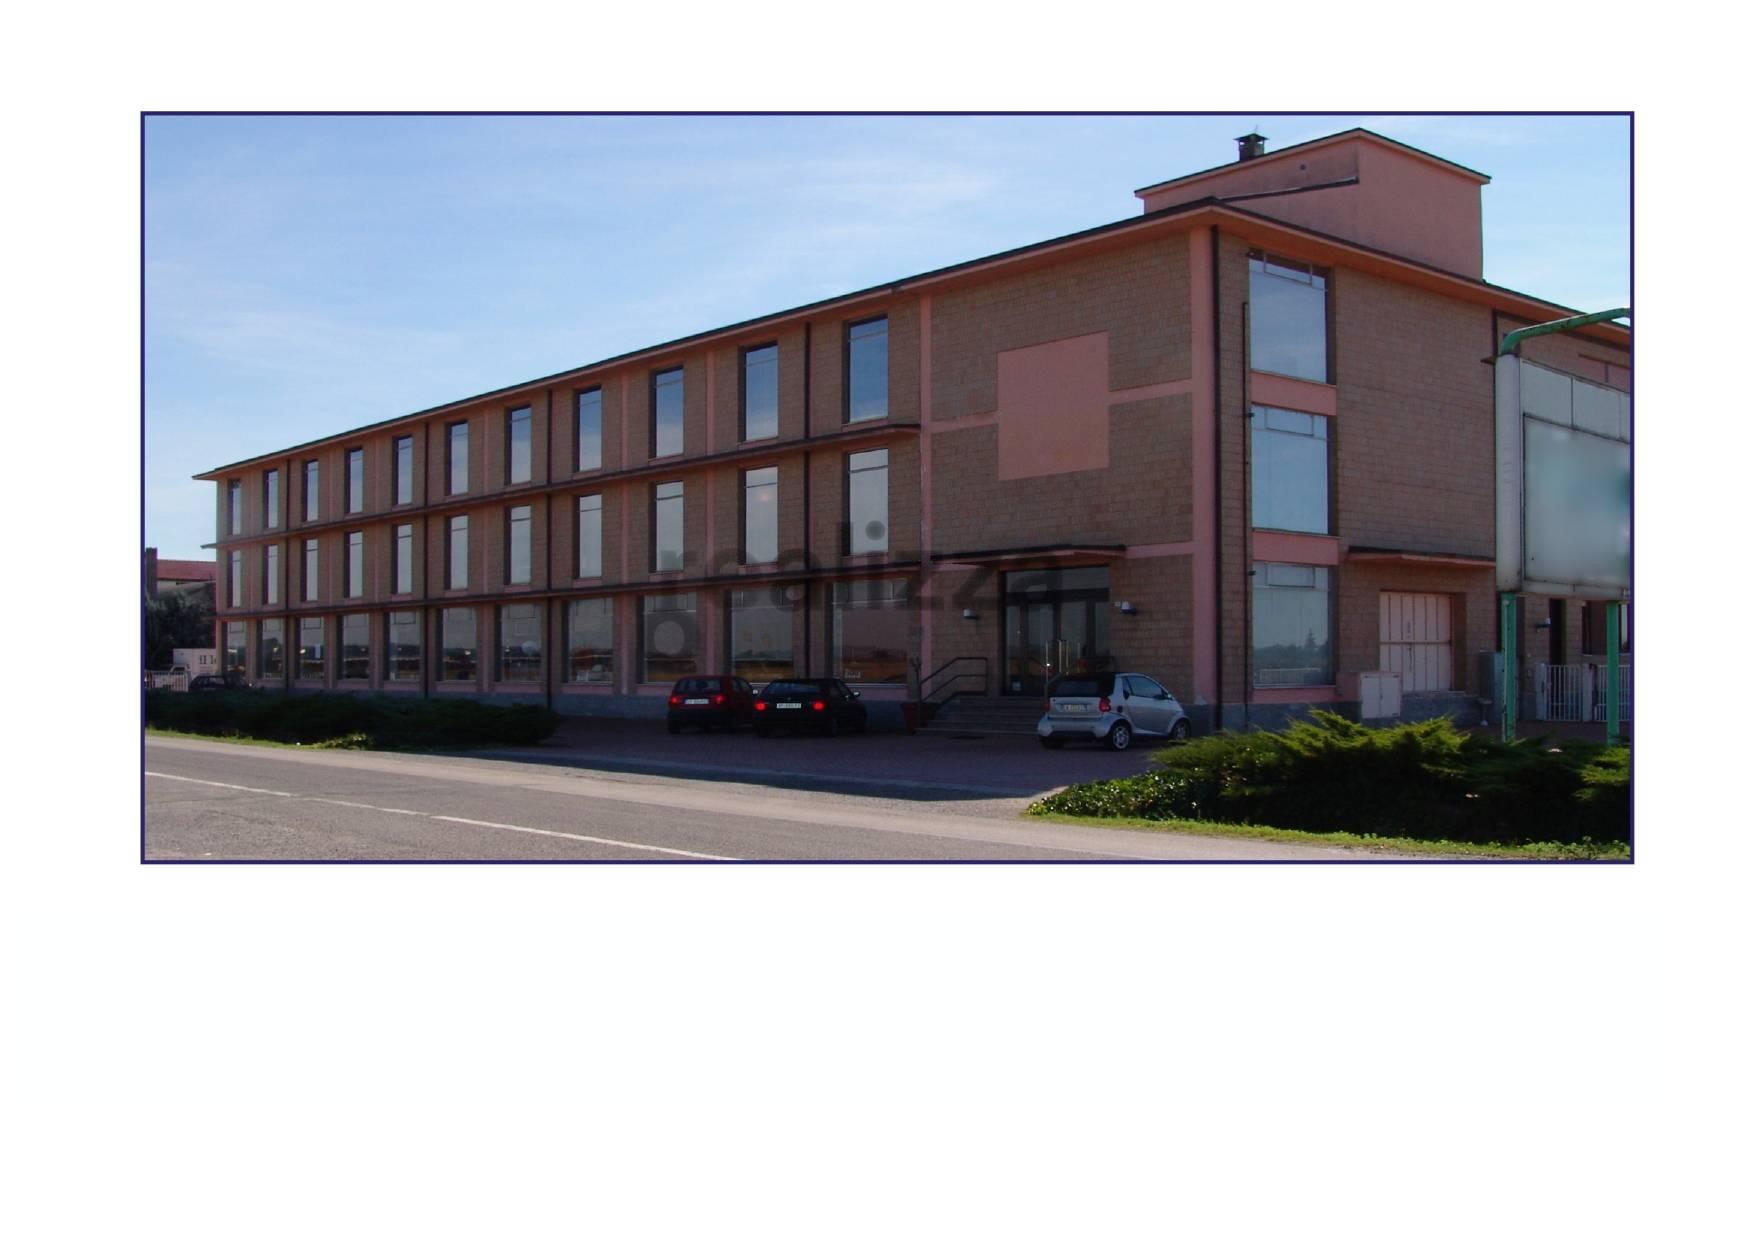 Negozio / Locale in vendita a Solero, 9999 locali, prezzo € 970.000 | PortaleAgenzieImmobiliari.it